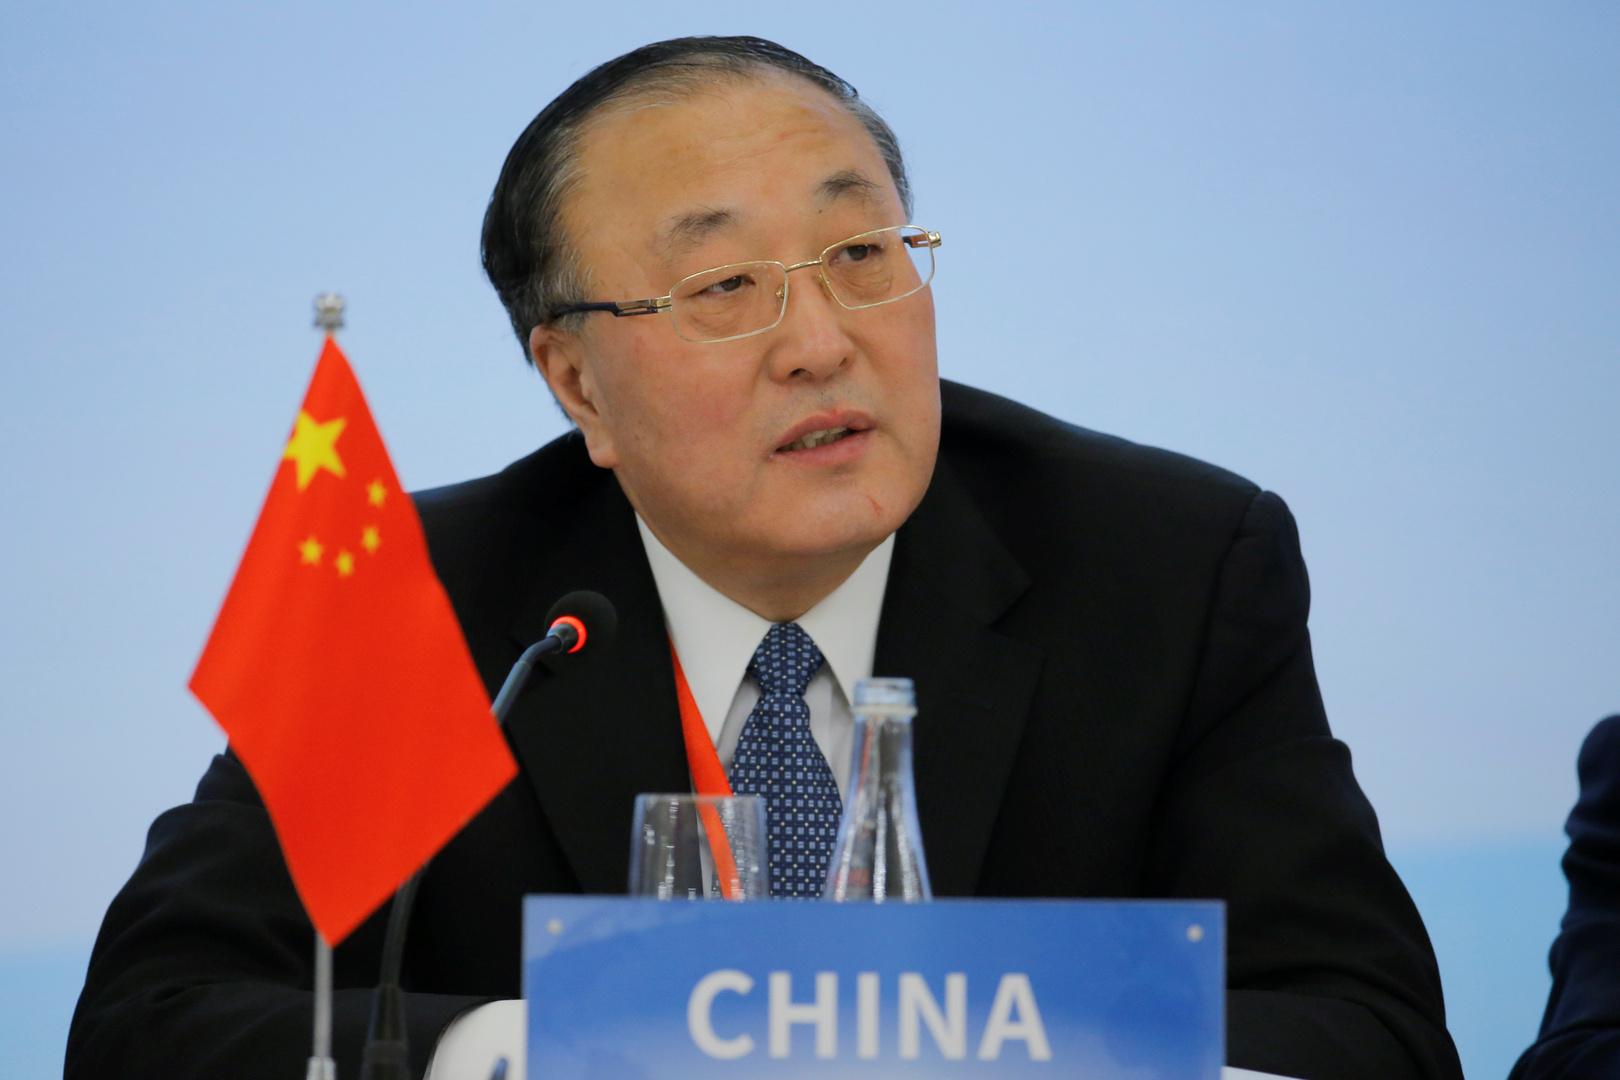 الصين تدعو المجتمع الدولي لتفادي إجراءات قد تؤدي إلى تصعيد التوتر في ميانمار